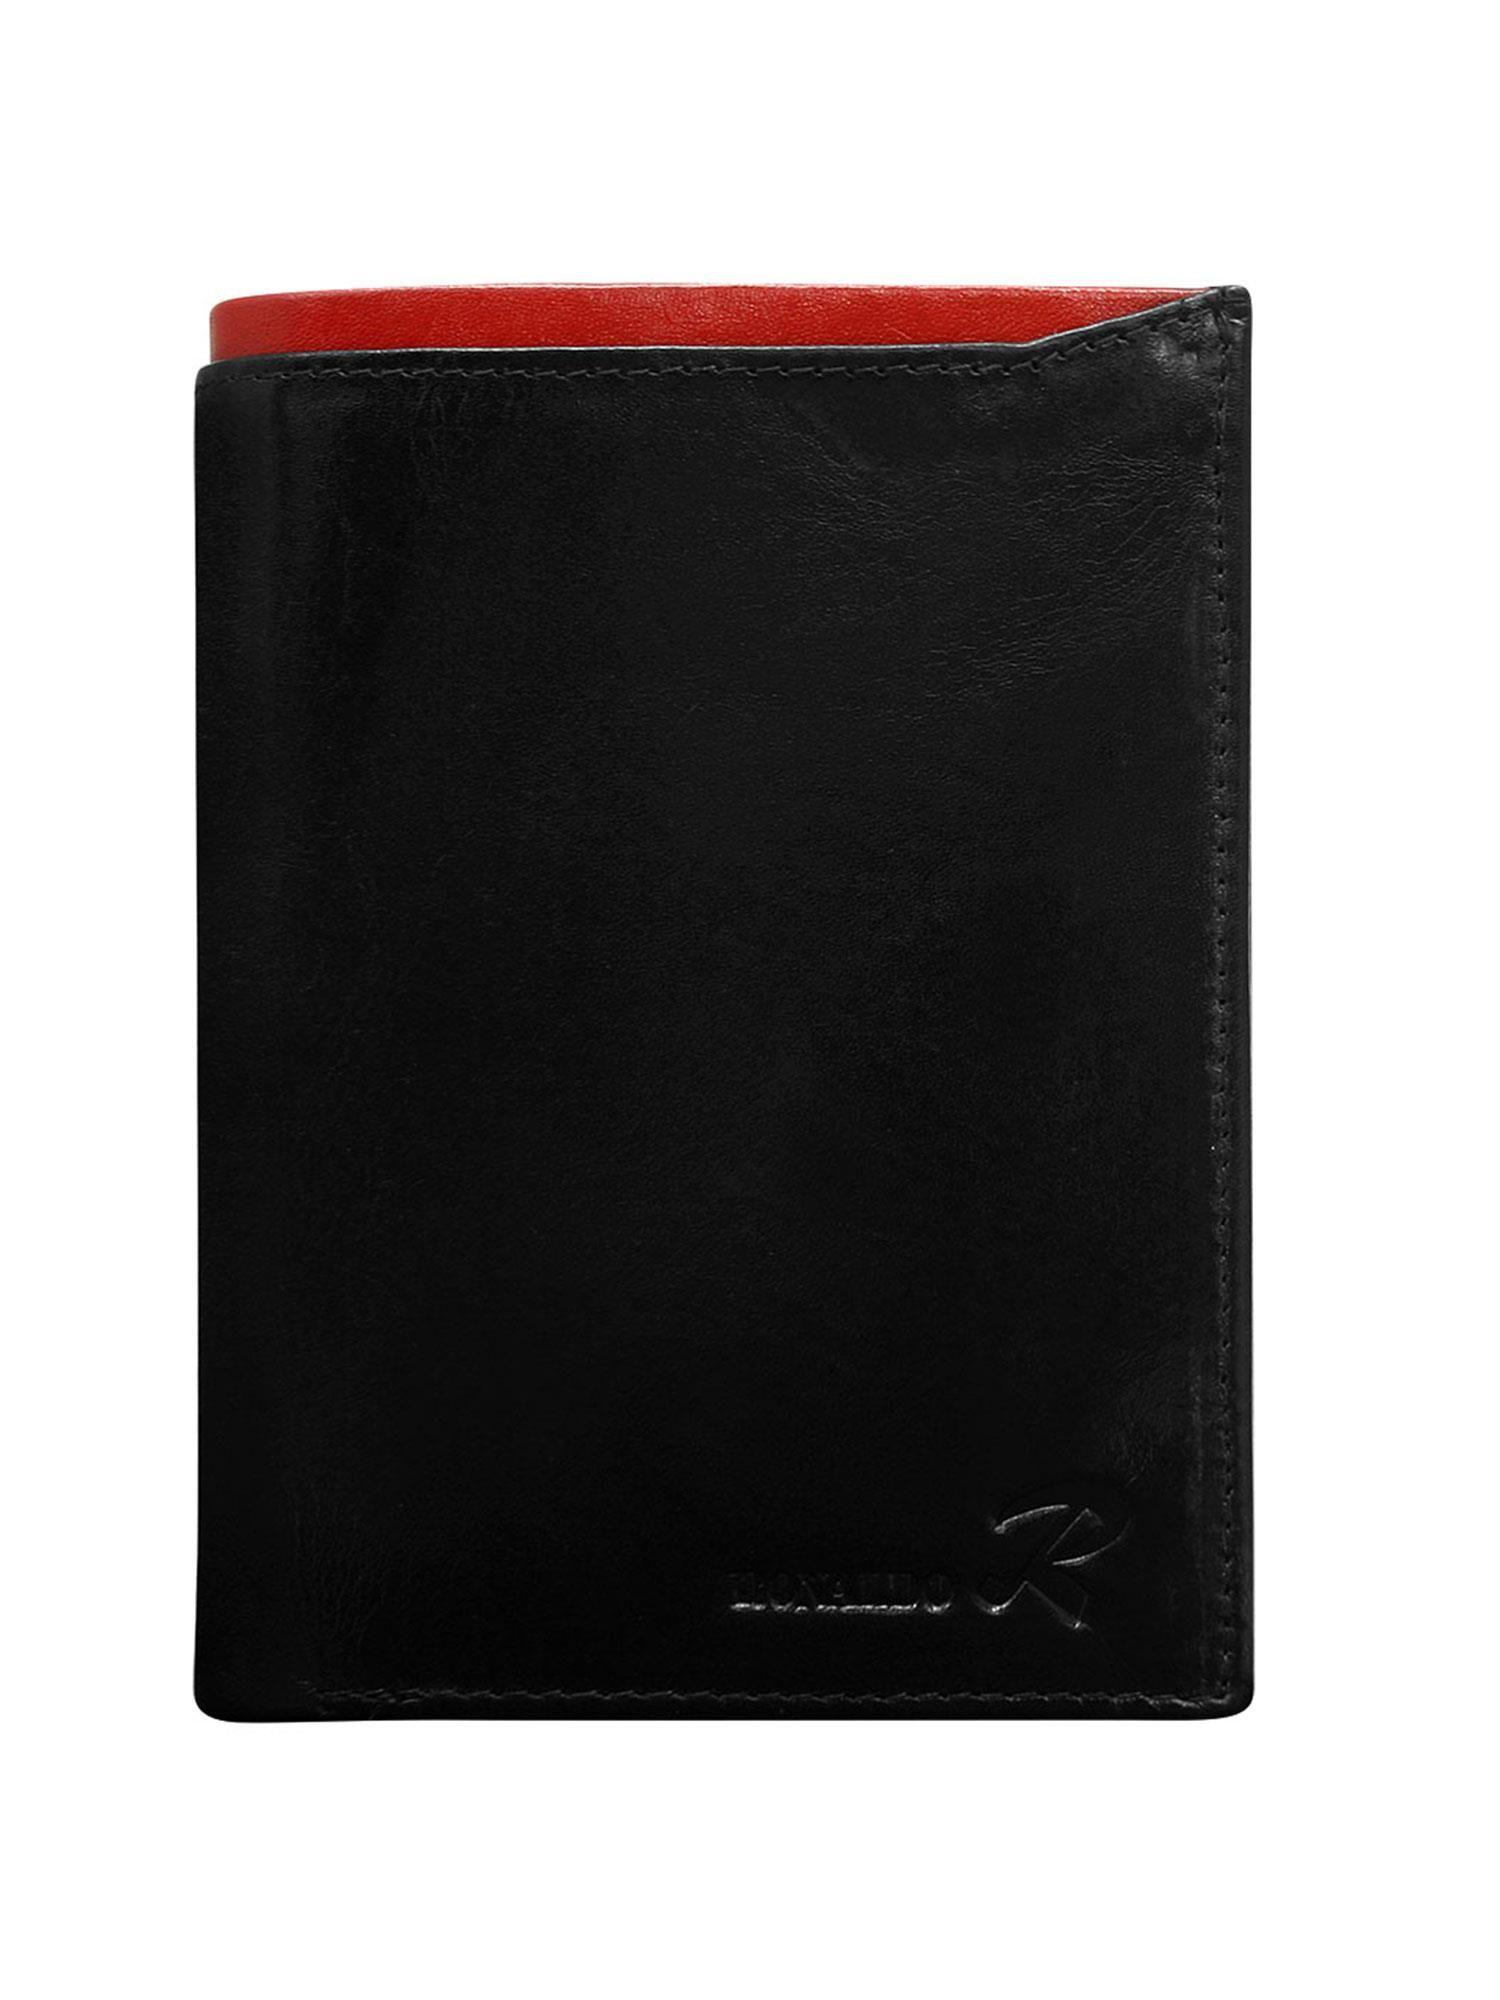 2135d0bbf320f Czarny portfel skórzany męski z czerwonym wykończeniem - Mężczyźni portfel  męski - sklep eButik.pl